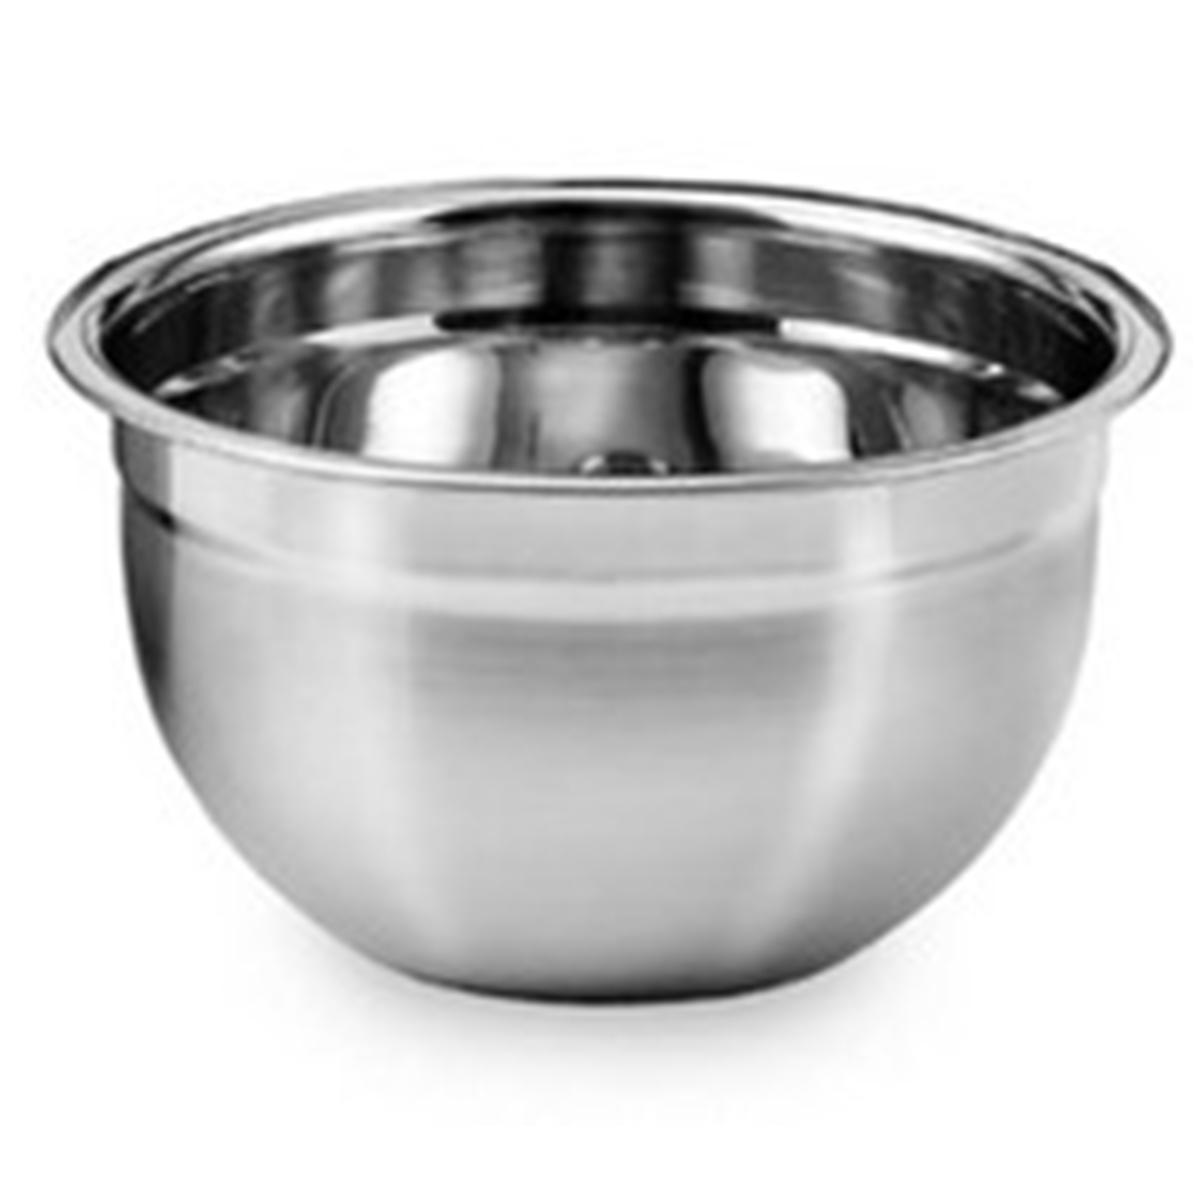 3 Tigela Mixing Bowl em aço Inox 14 Cm  Ke Home 3116-14-3